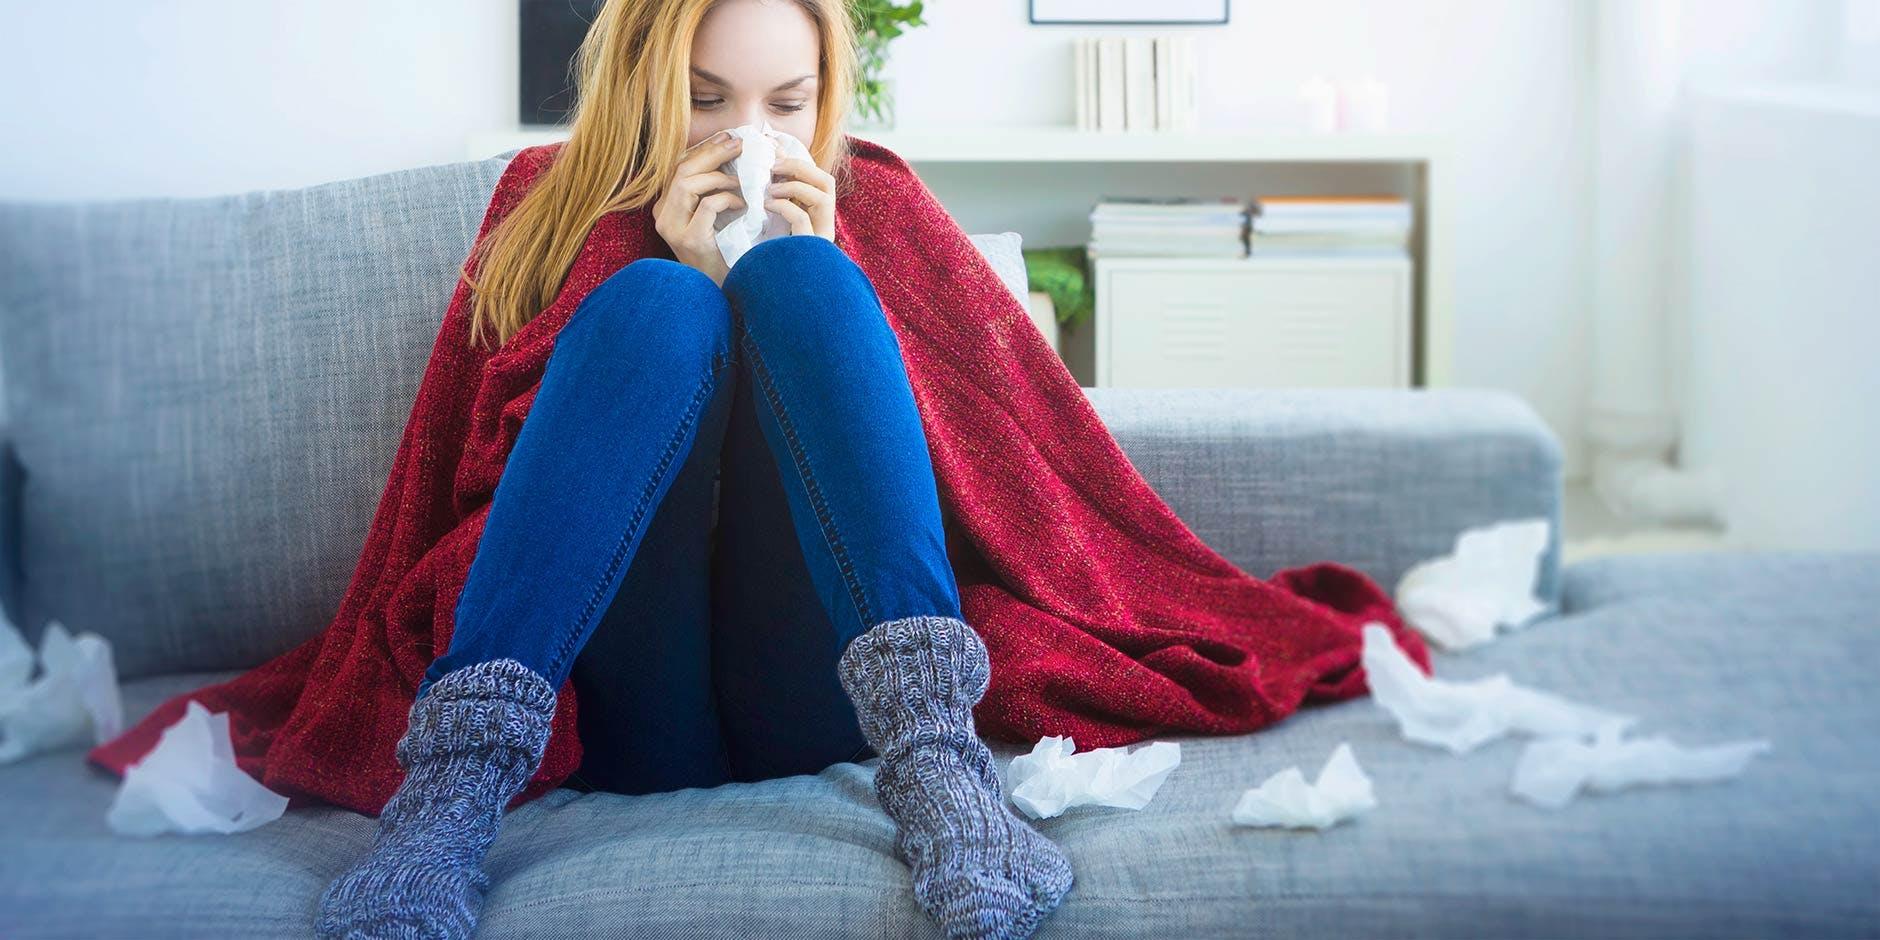 Kuumeinen nainen sohvalla - Flussan hoito kotona